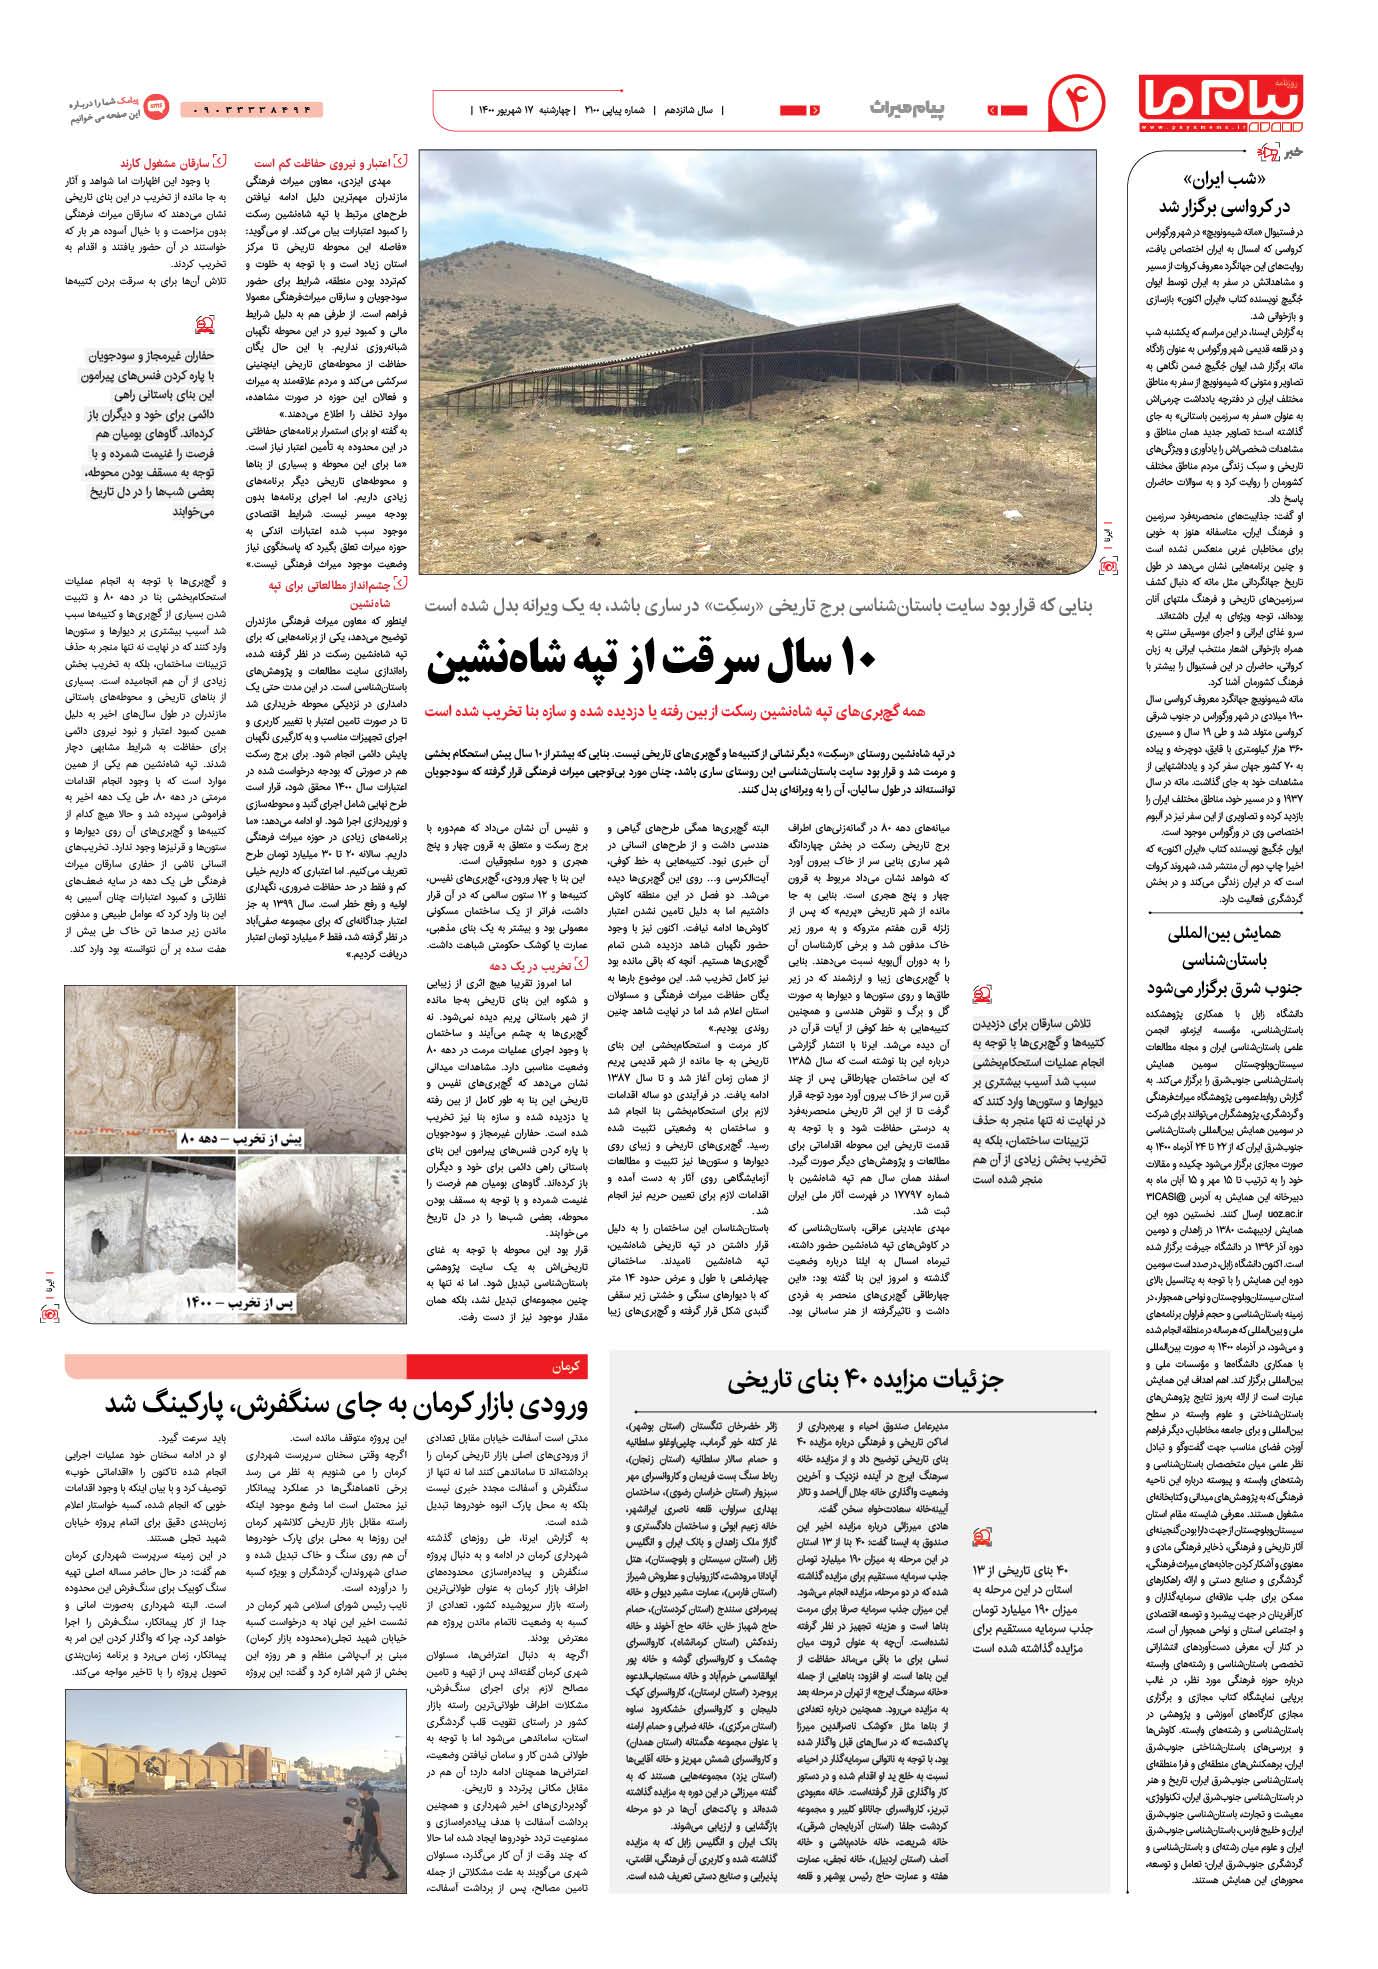 صفحه پیام میراث شماره 2100 روزنامه پیام ما